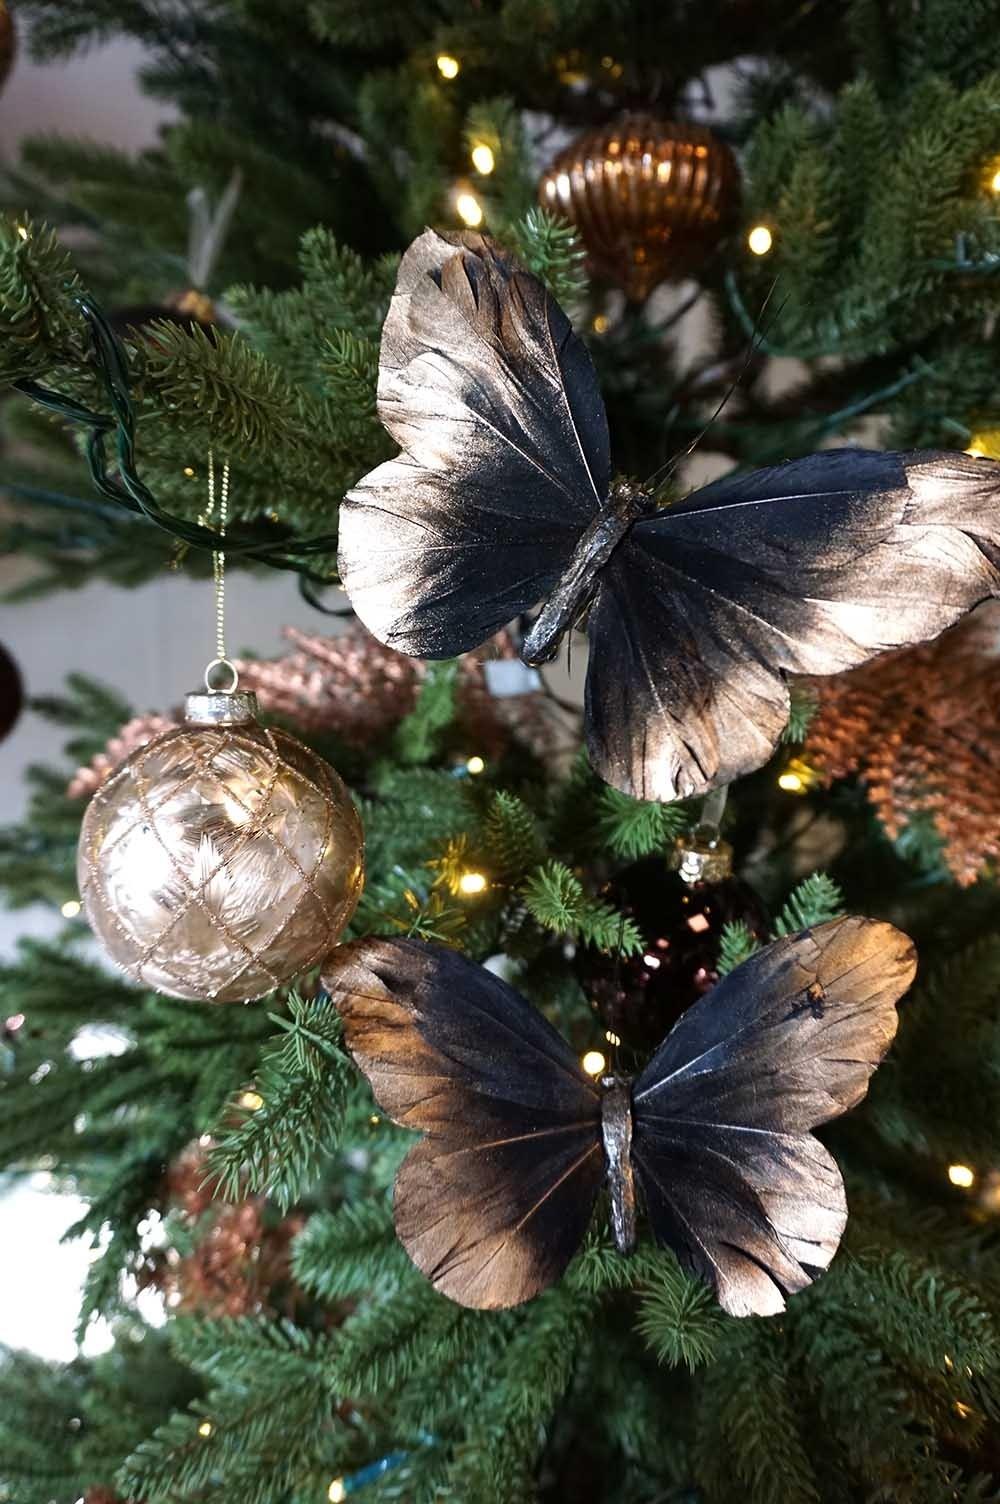 Fjäril, stor, 2 pack, skiftande från svart/brunt till guld